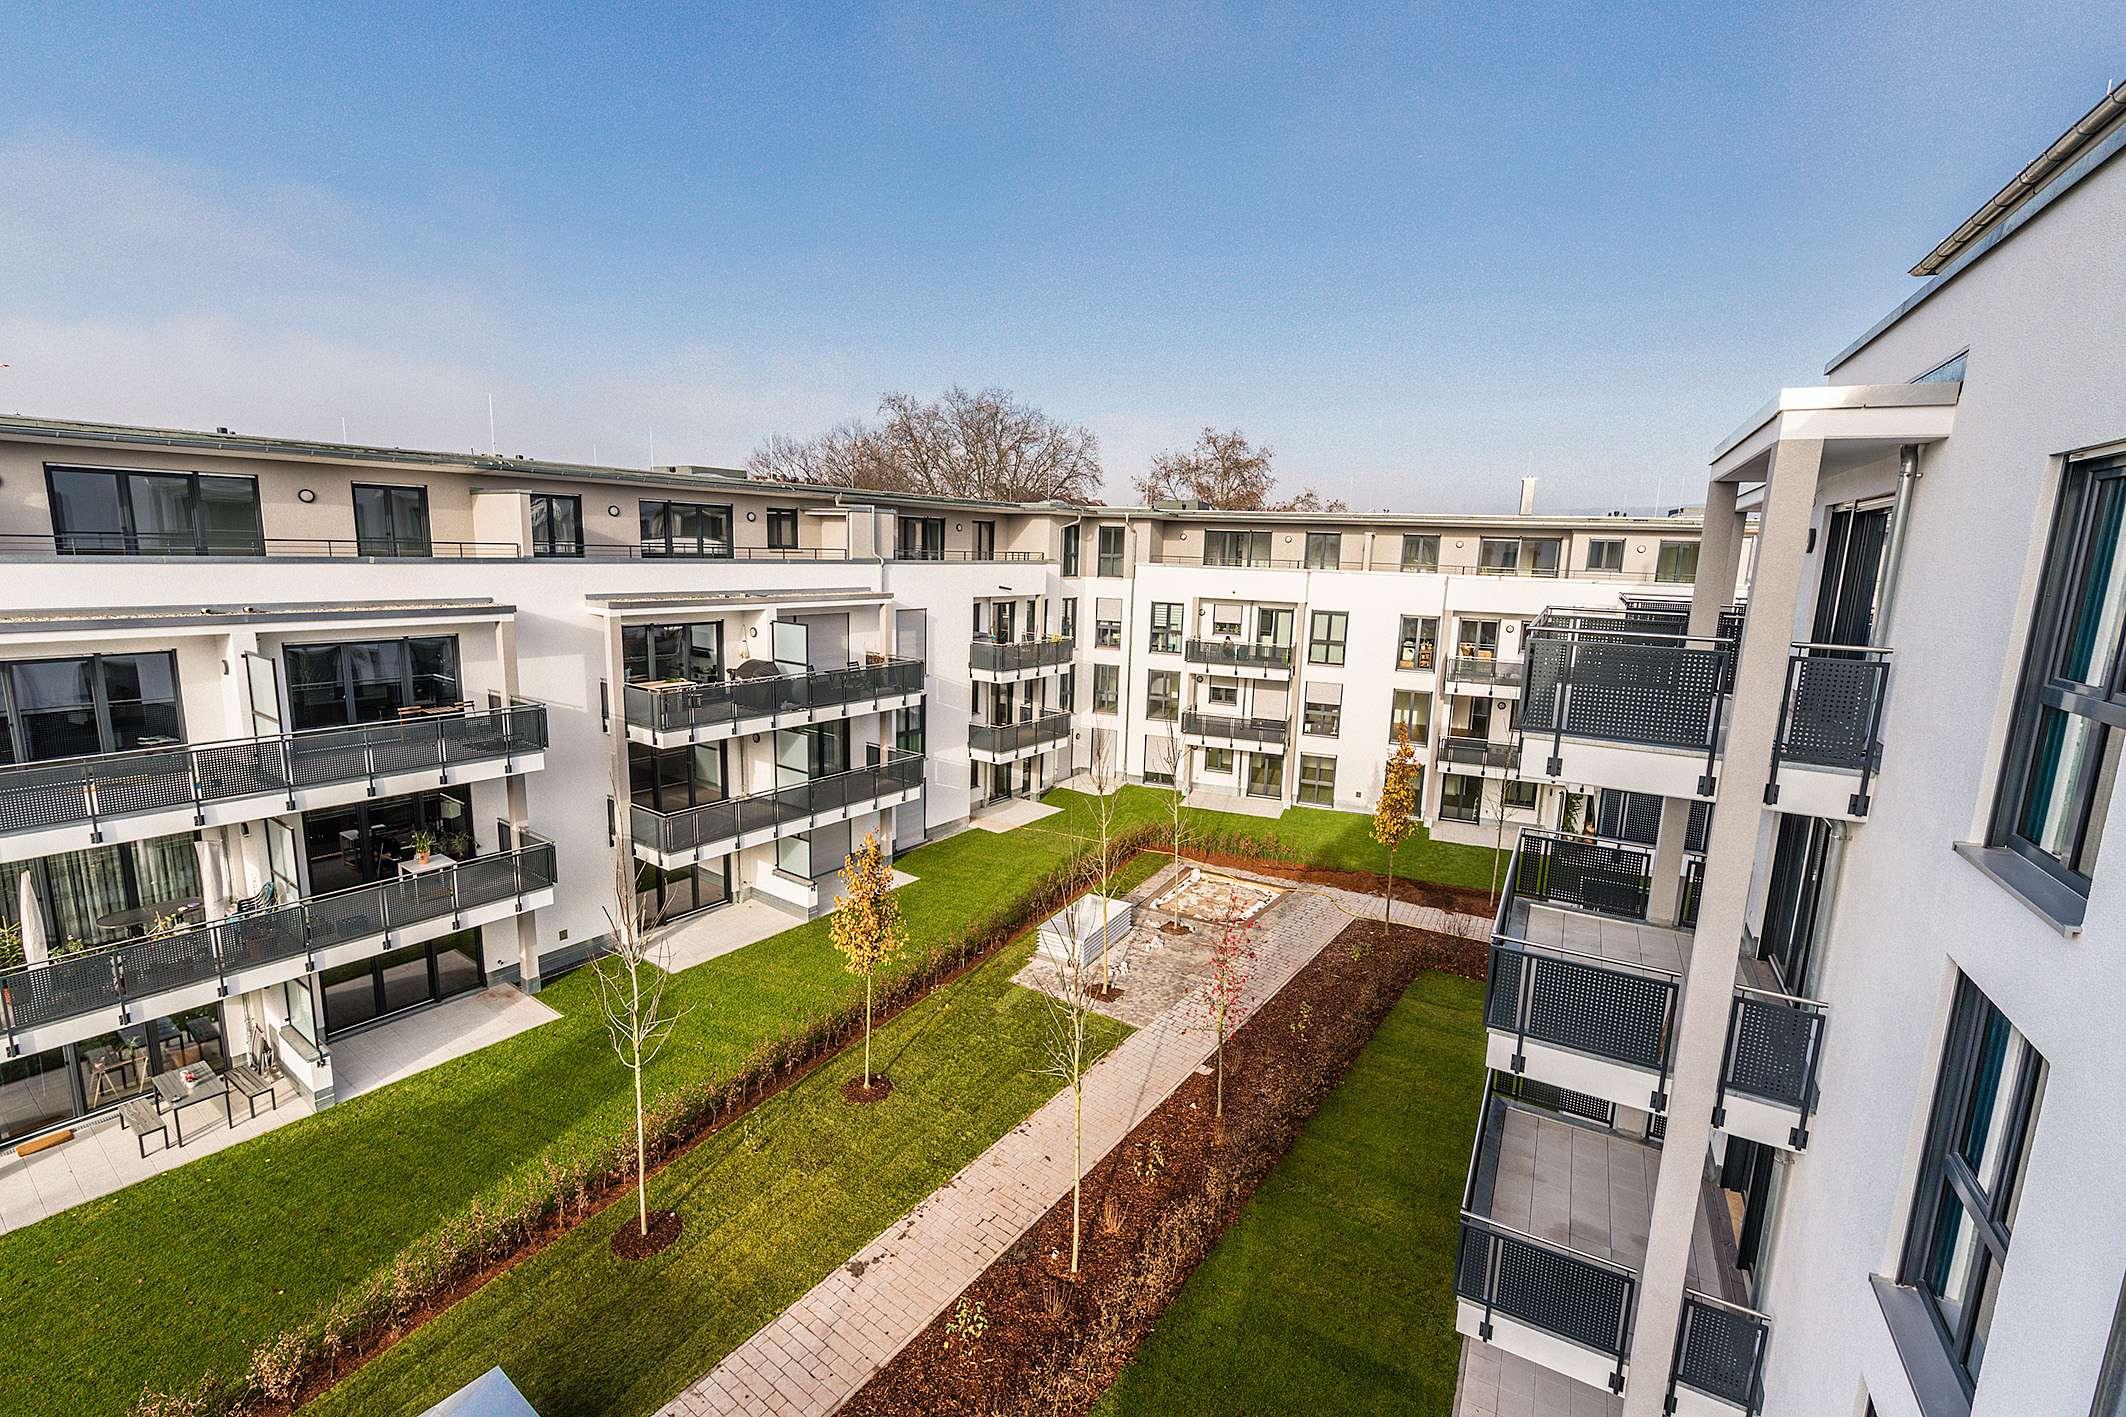 NEUBAU-ERSTBEZUG *** 1A-Anbindung, Supermärkte, Tiefgarage – So wohnt man heute! *** in Damm (Aschaffenburg)